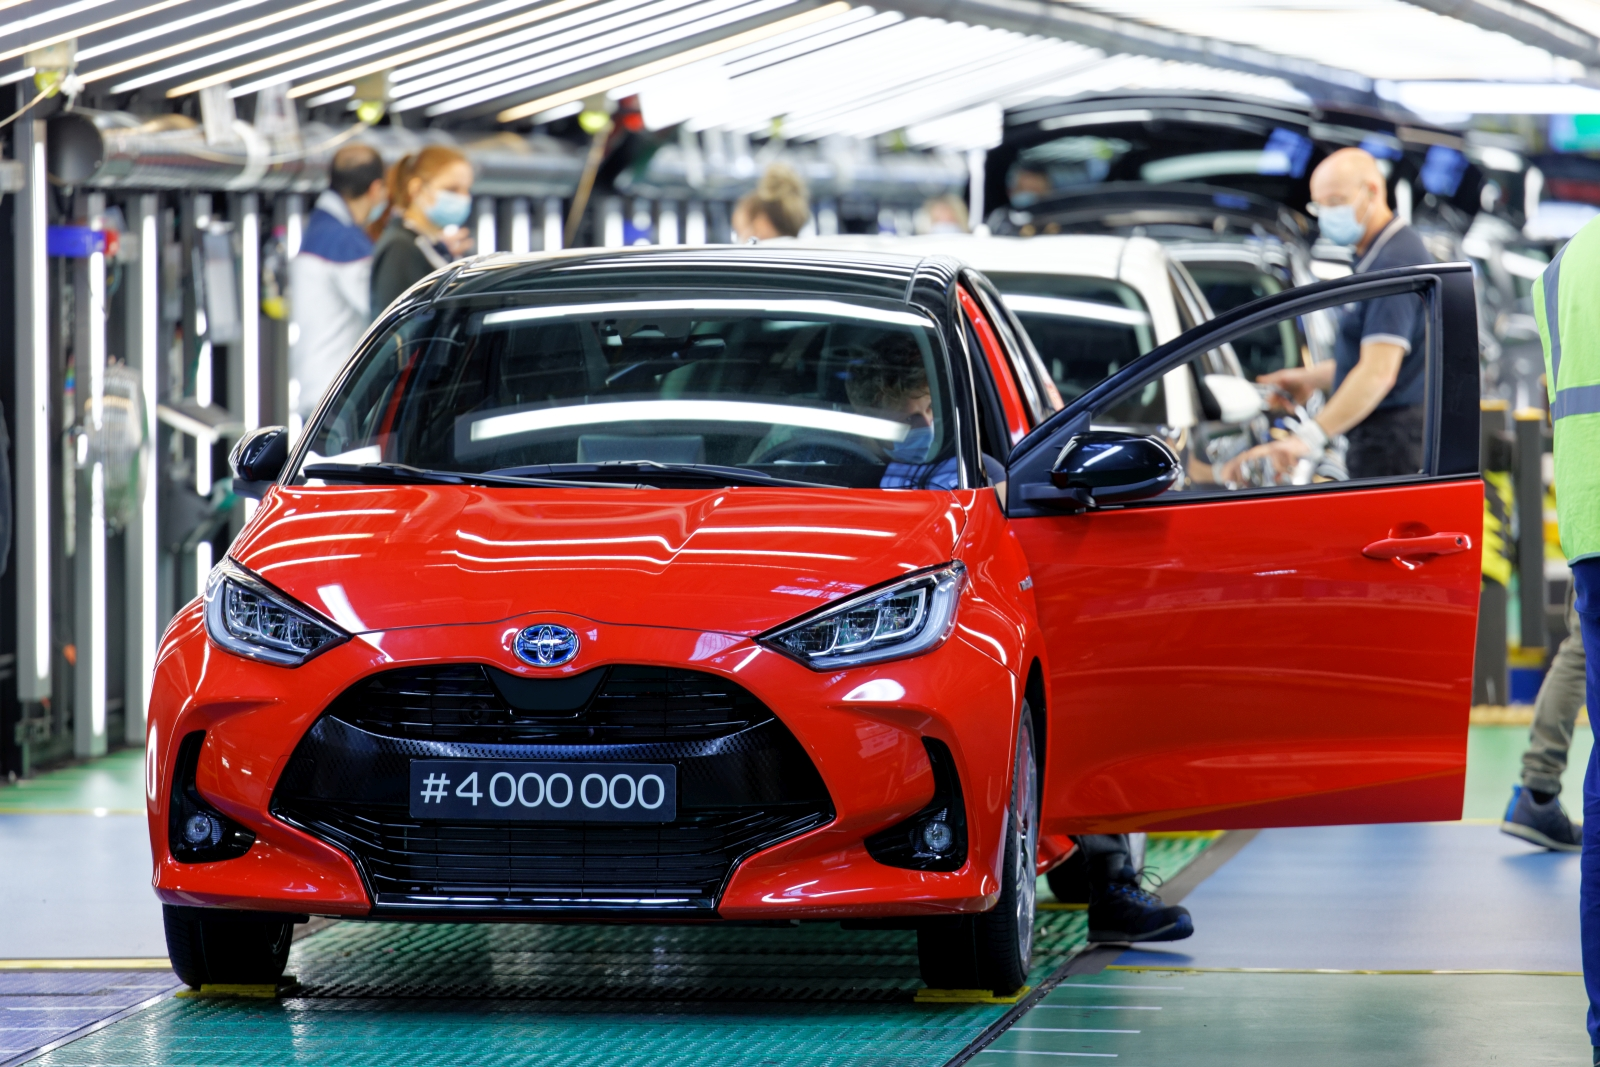 Yaris 4 Millions . Toyota TMMF. Onnaing.